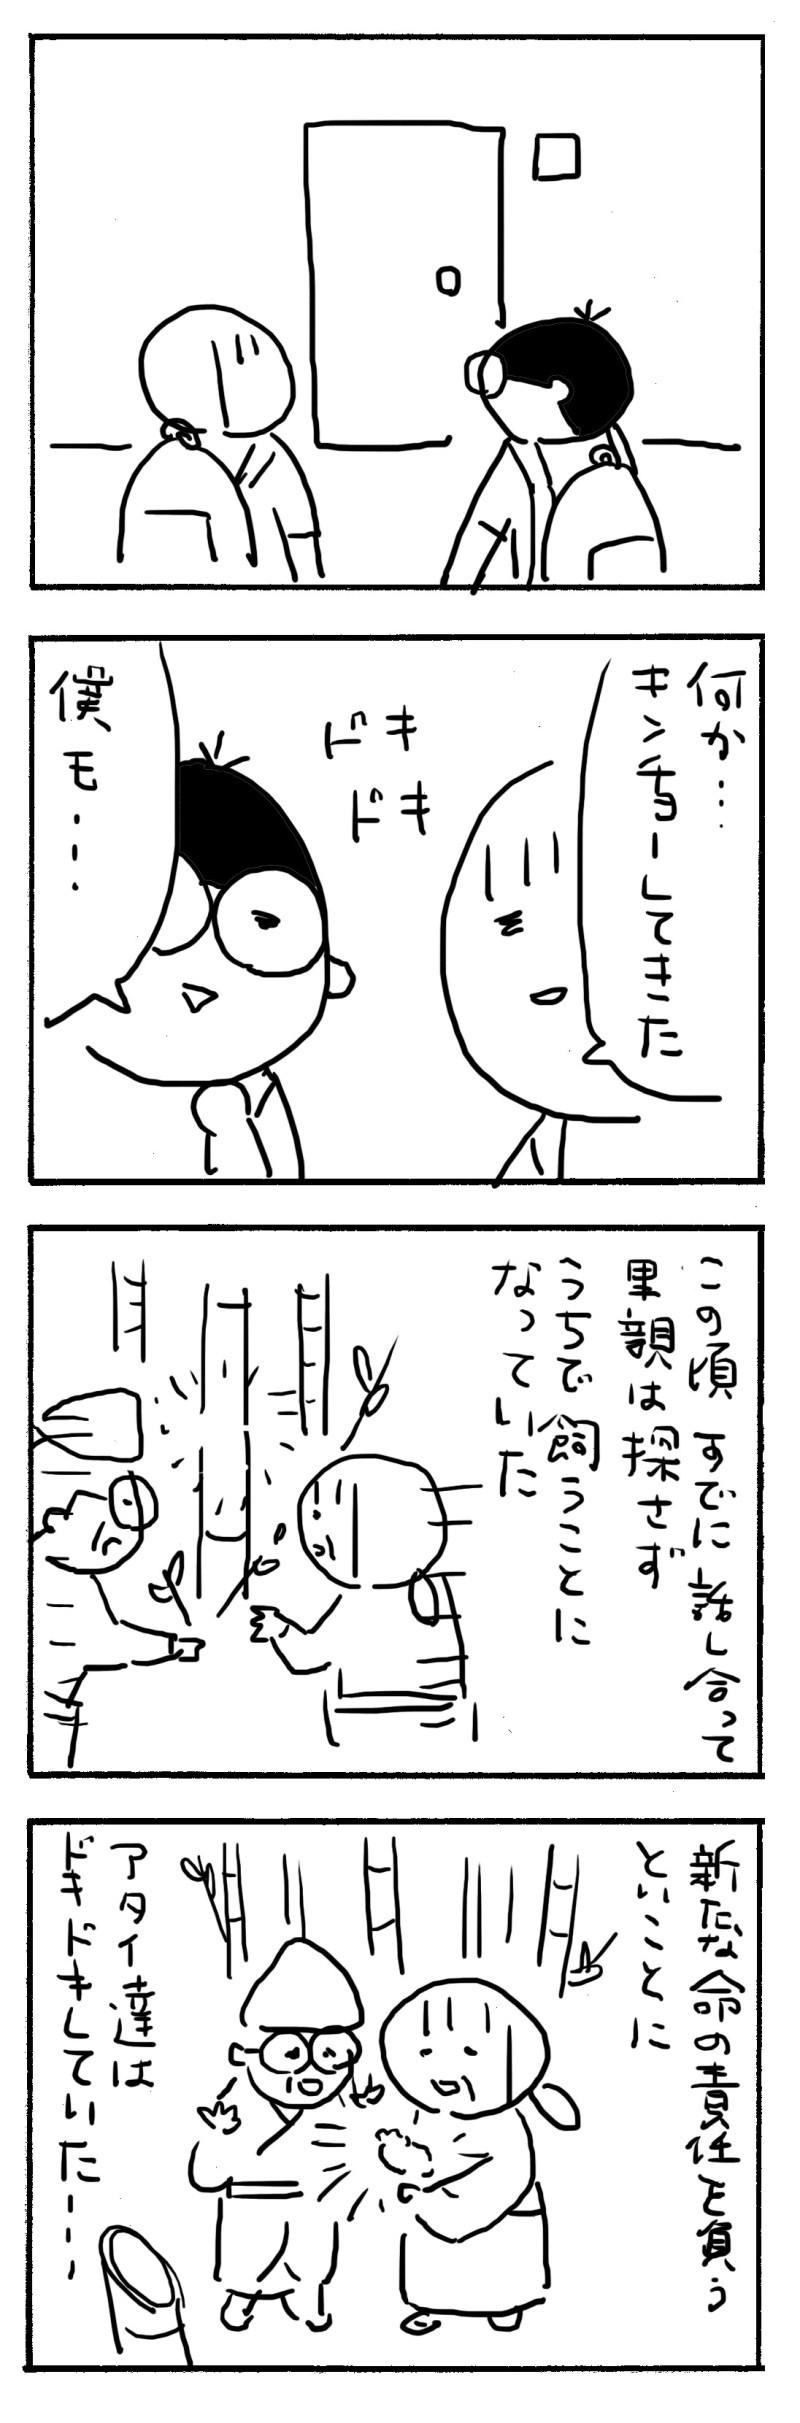 1717cb64.jpg